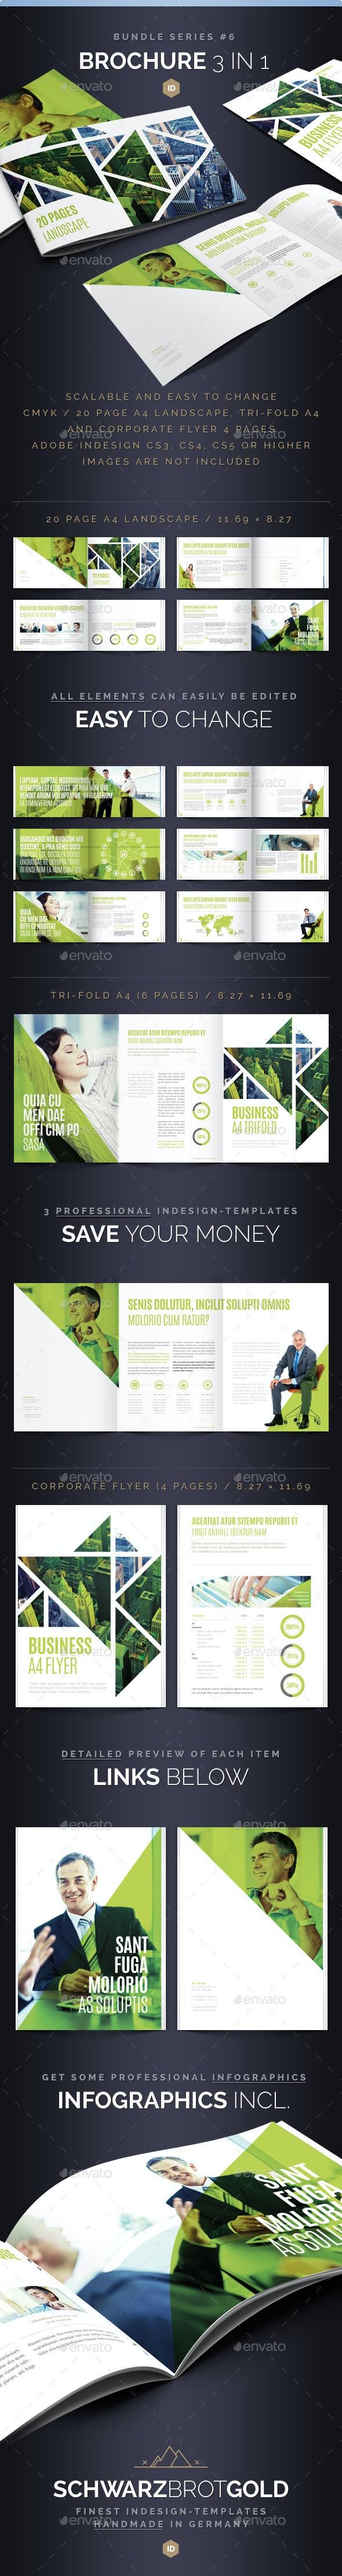 Brochure Bundle Series 6 No 2 - Informational Brochures